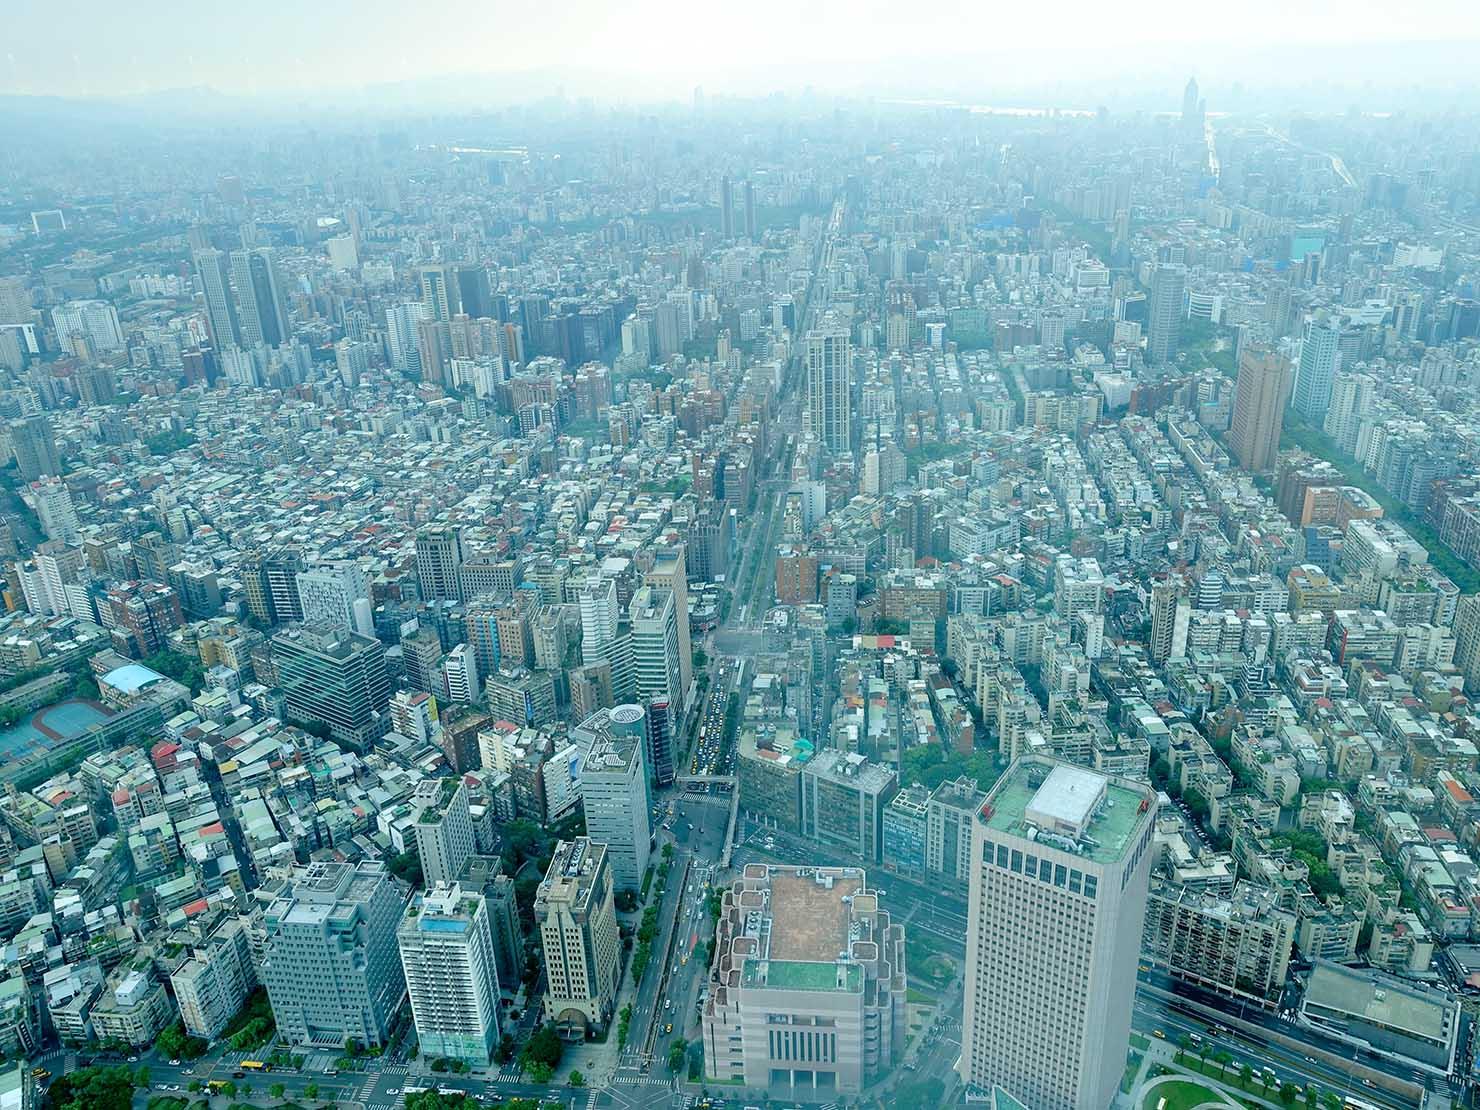 台北101展望台から望む台北市内の景色